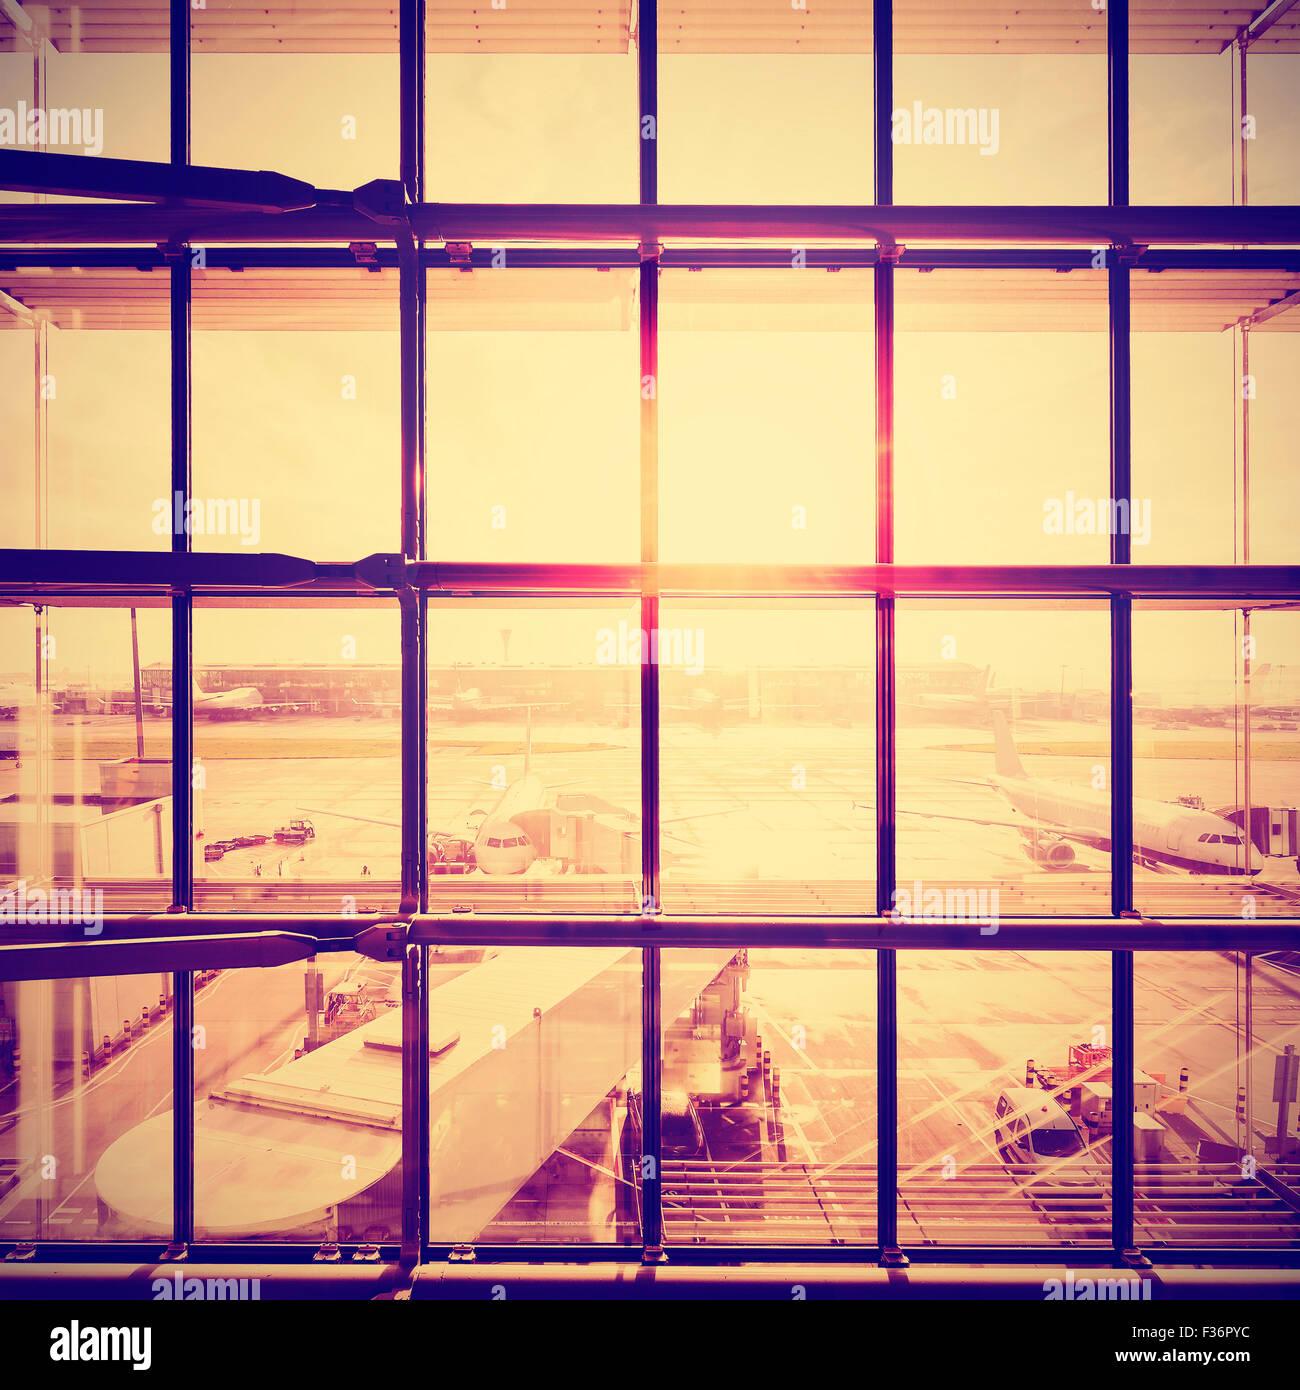 Instagram immagine stilizzata di un aeroporto, trasporto e business travel concept. Immagini Stock